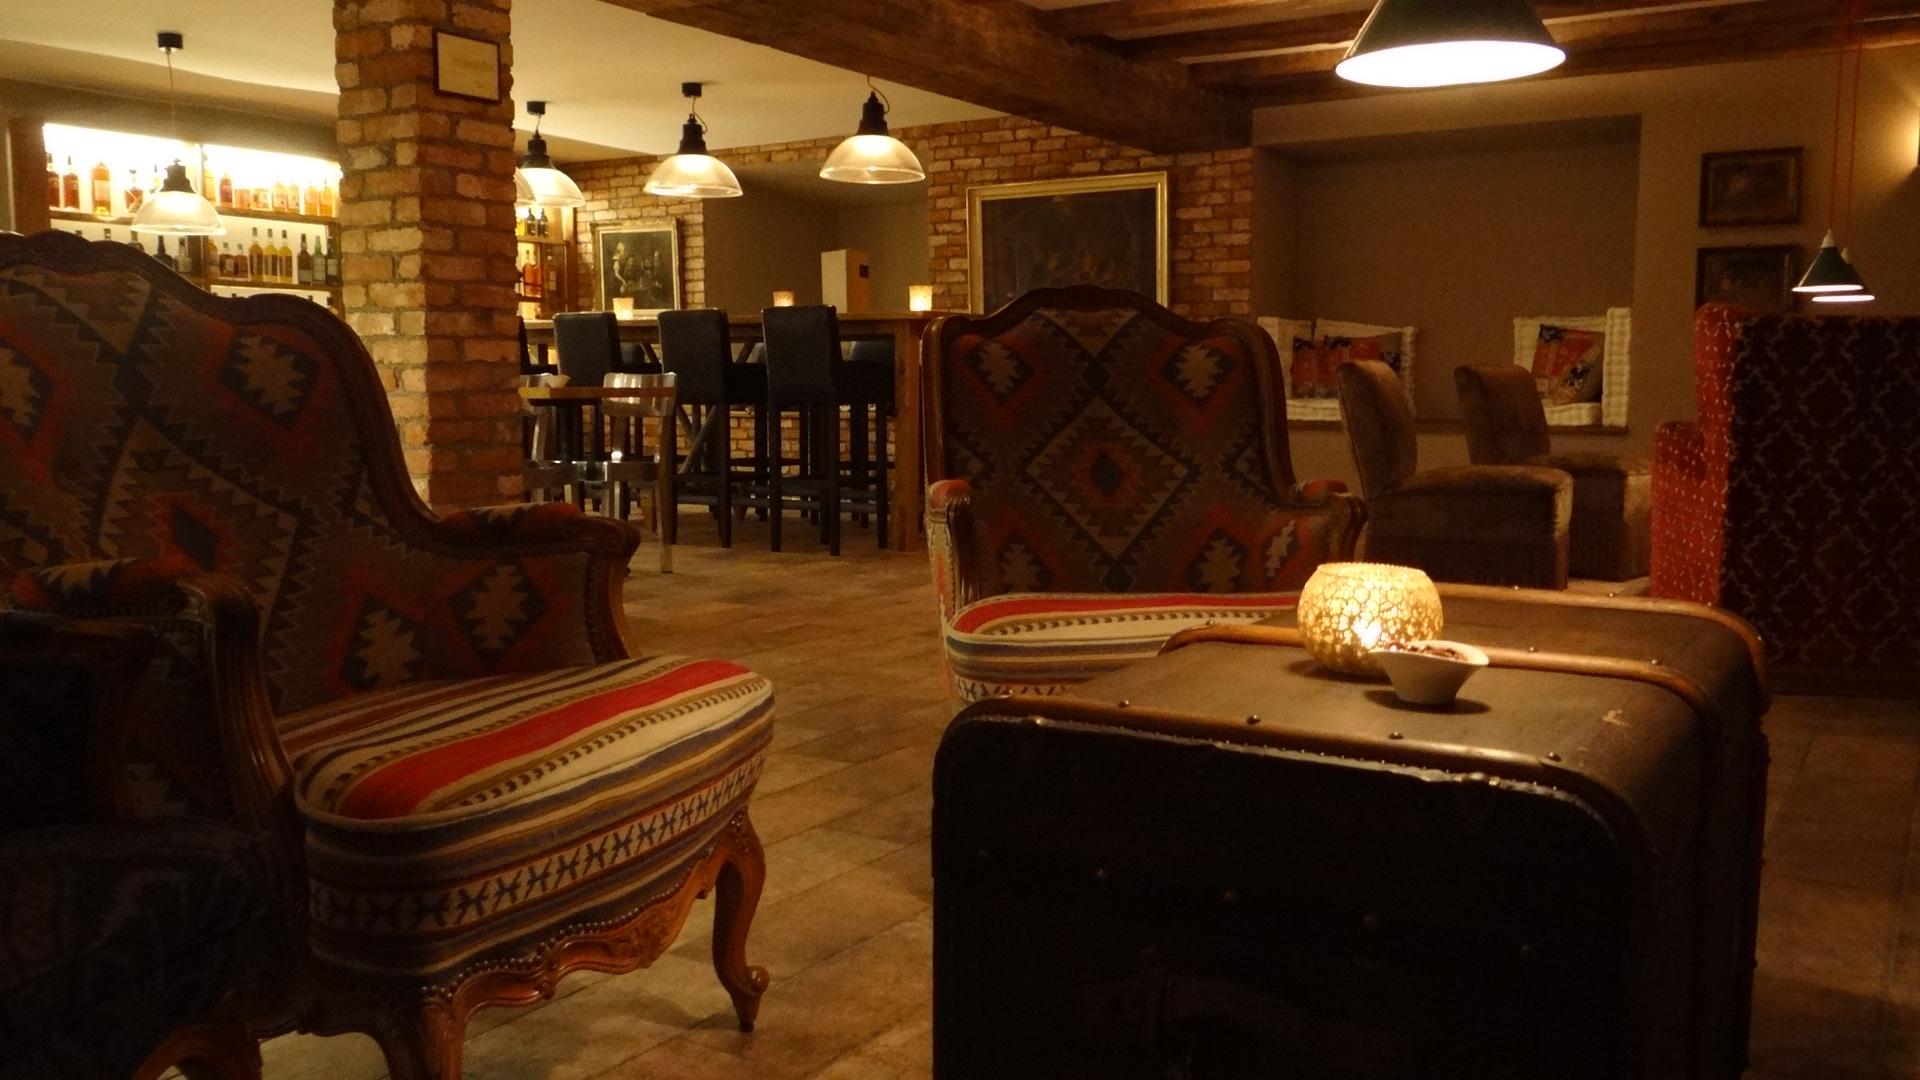 More Bar in Bubikon - Ausgezeichnete Restaurants, Bars, Take-Aways ...